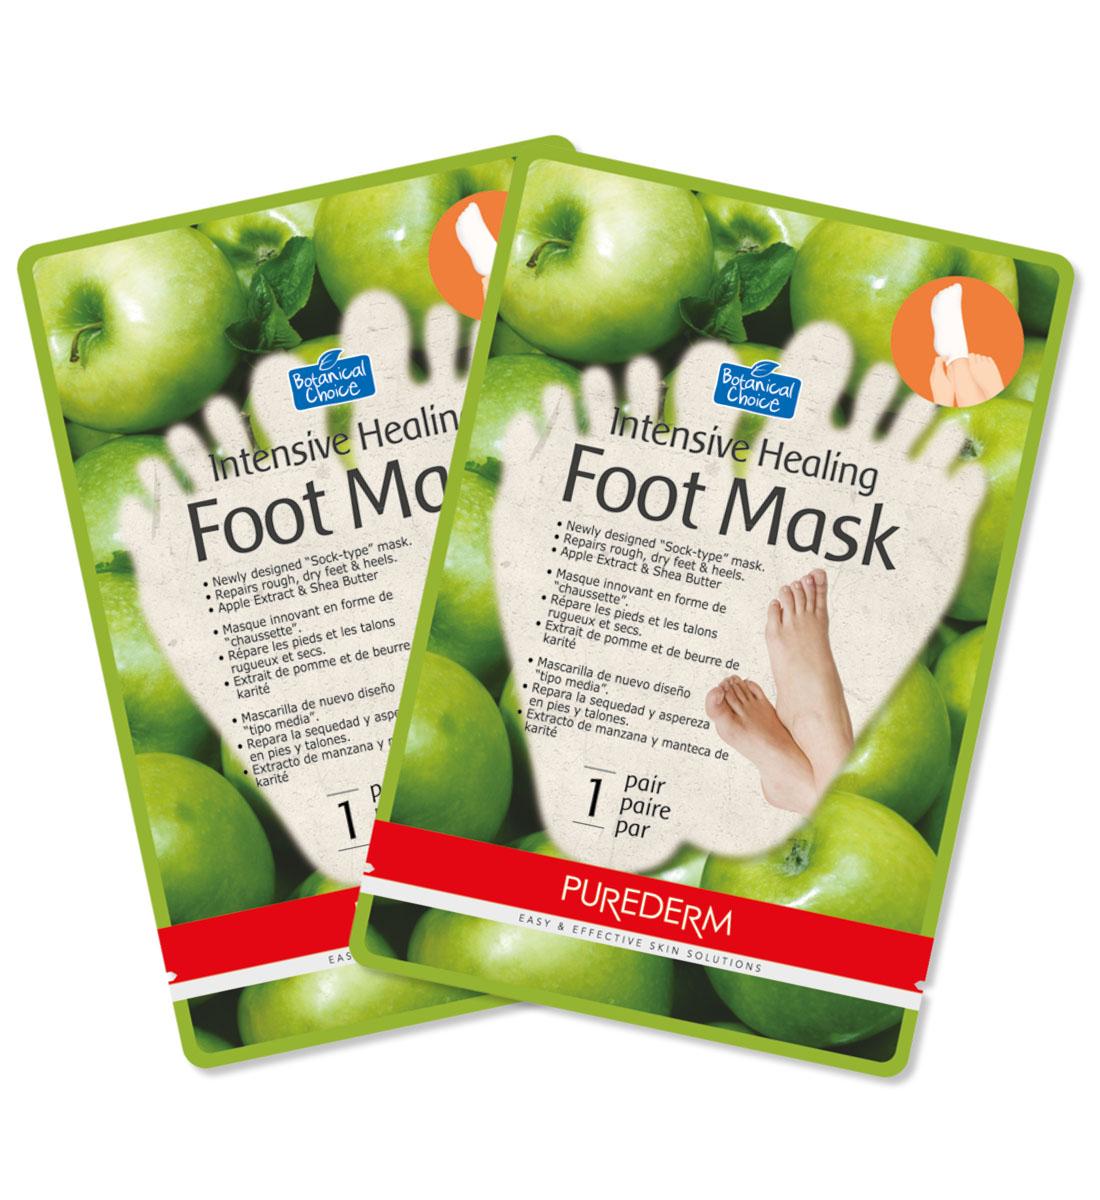 Purederm Интенсивная восстанавливающая маска для ног, 2 штAC-1121RDИнтенсивная маска в форме носочков, восстанавливает сухую и огрубевшую кожу ног. Входящие в состав смягчающее масло Ши, экстракт яблока и перечная мята, а также другие восстанавливающие компоненты разглаживают, смягчают и восстанавливают сухую, потрескавшуюся кожу ступней и пяток, интенсивно улучшая их внешний вид. Маска для ног увлажняет и заживляет поврежденные участки кожи, интенсивно и ухаживает за огрубевшей и мозолистой кожей ног и пяток. Система 2 в 1 (маска + носочки) усиливает глубину проникновения компонентов за счет термоэффекта, что позволяет достичь наилучшего результата.